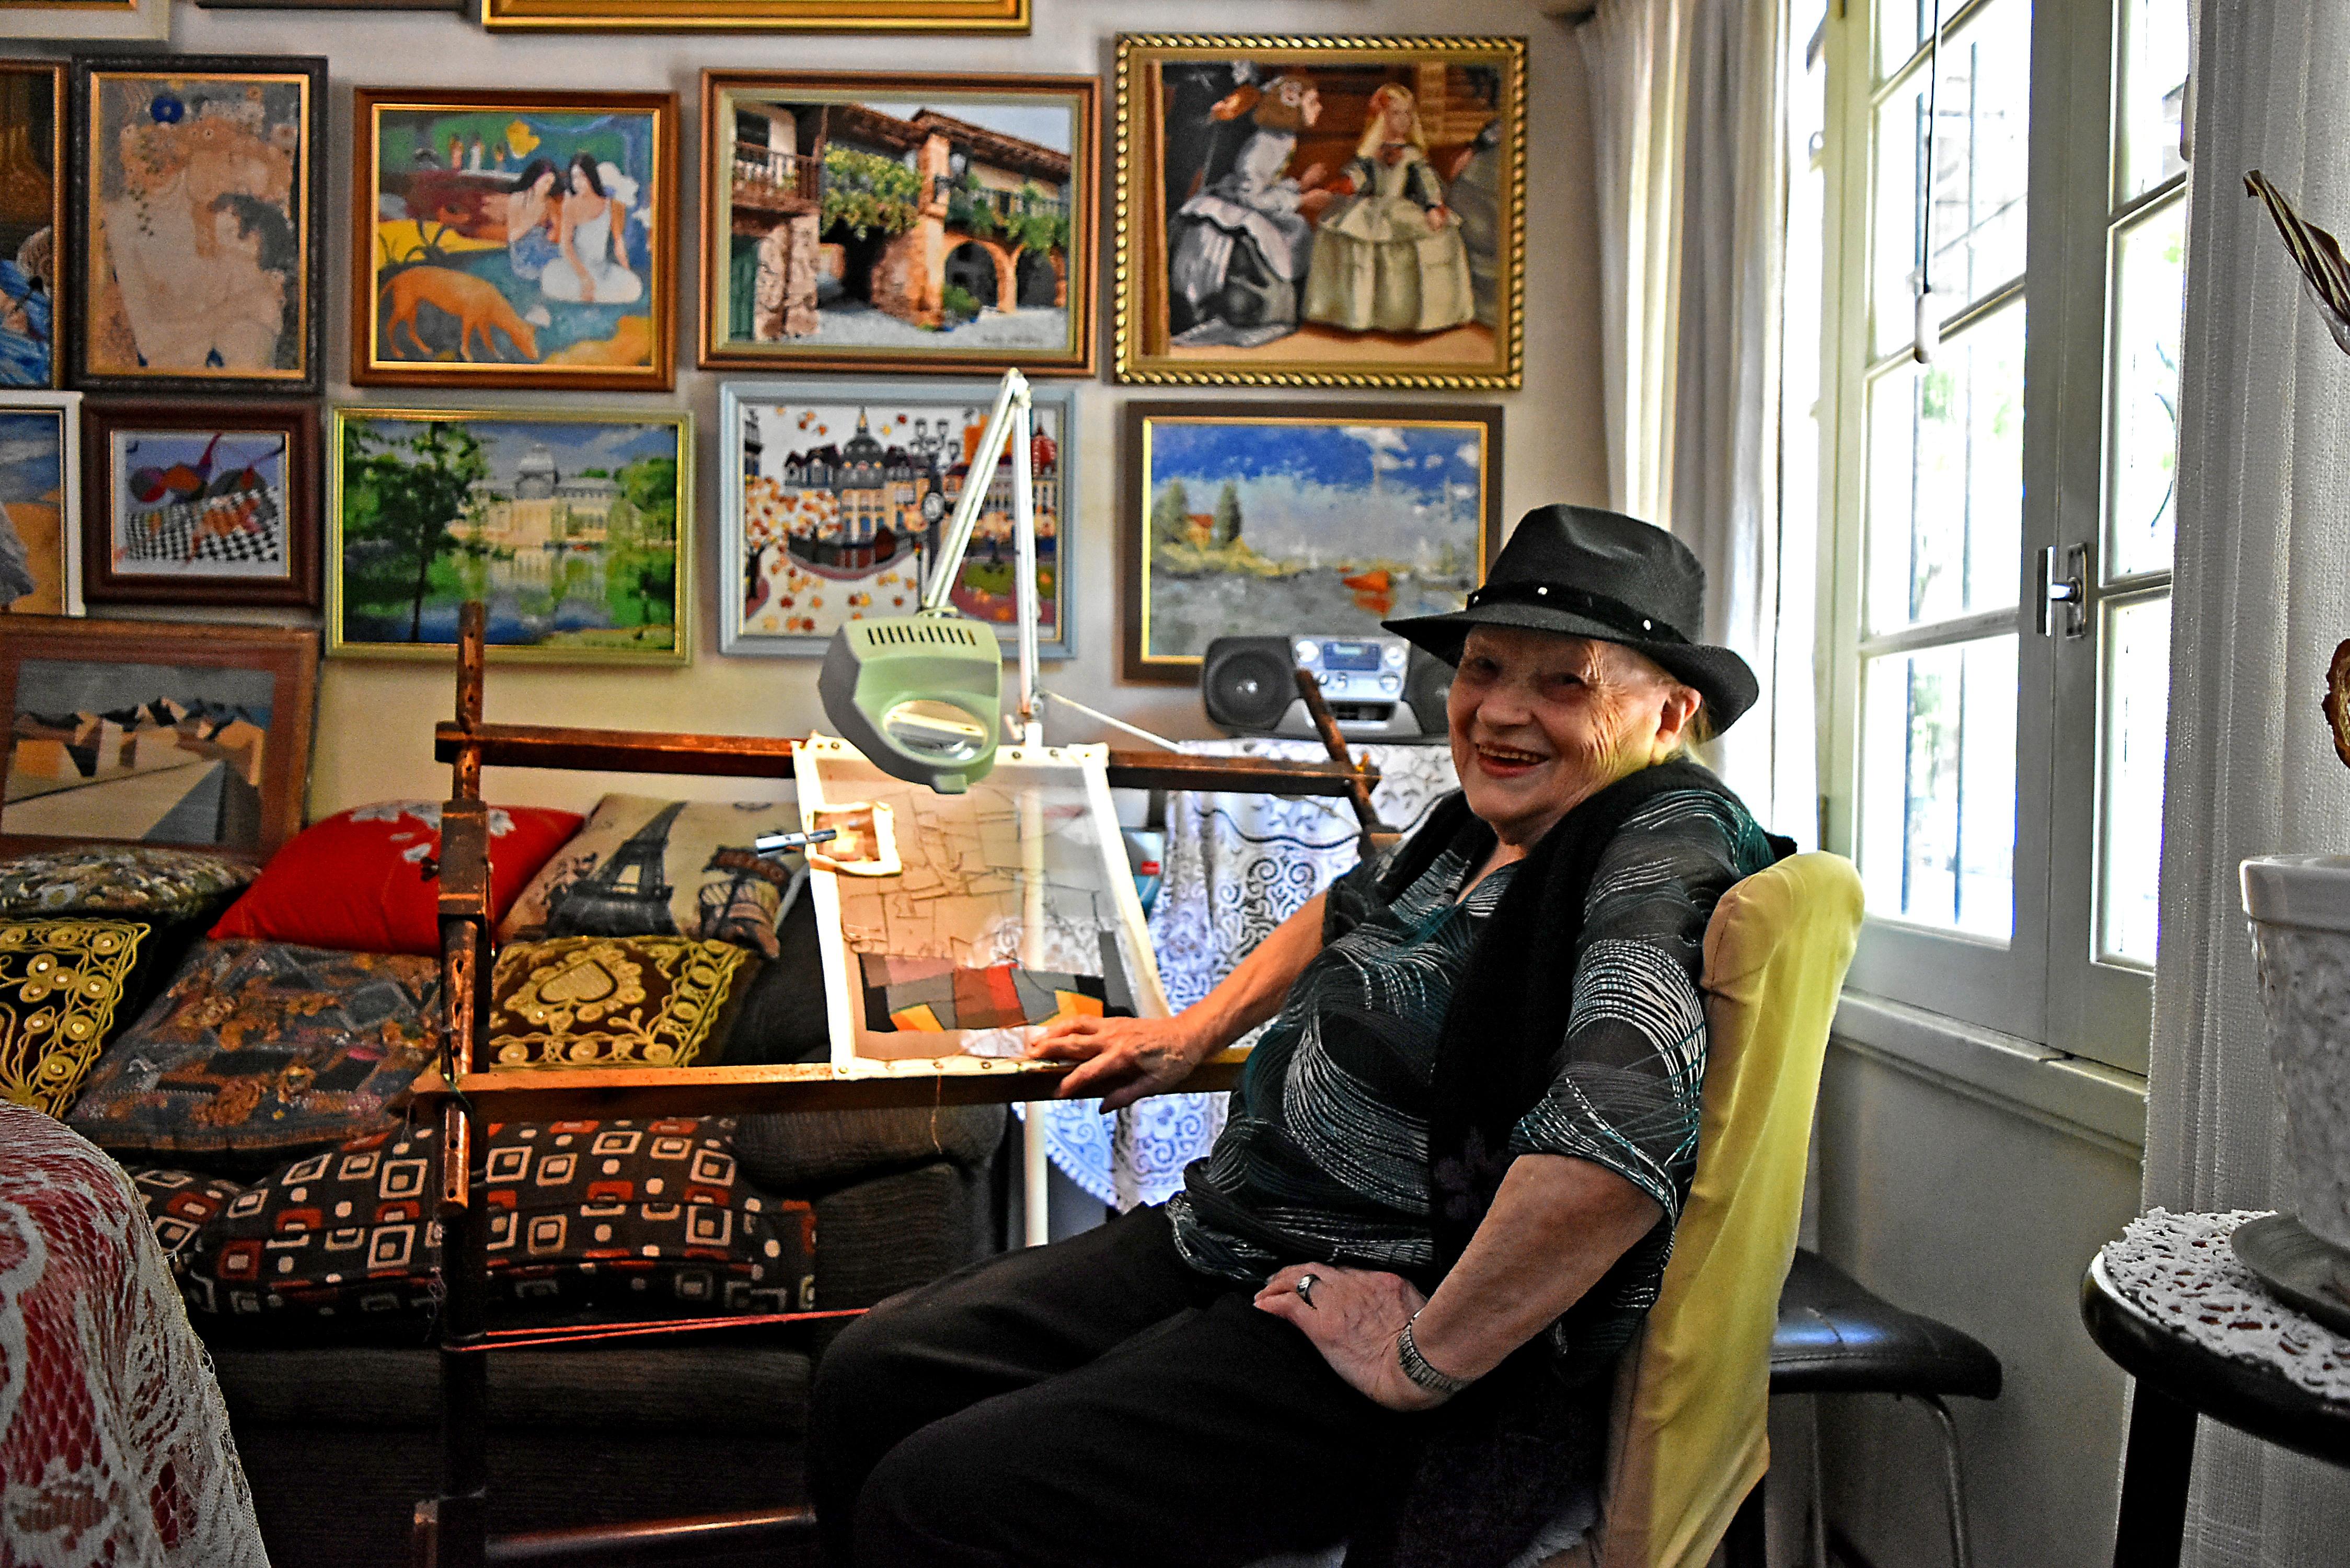 Germaine Tolard, de 96 años, y su lugar en el mundo. Junto a la ventana a Diagonal Alberti, el bastidor y sobre la pared una parte de sus obras.